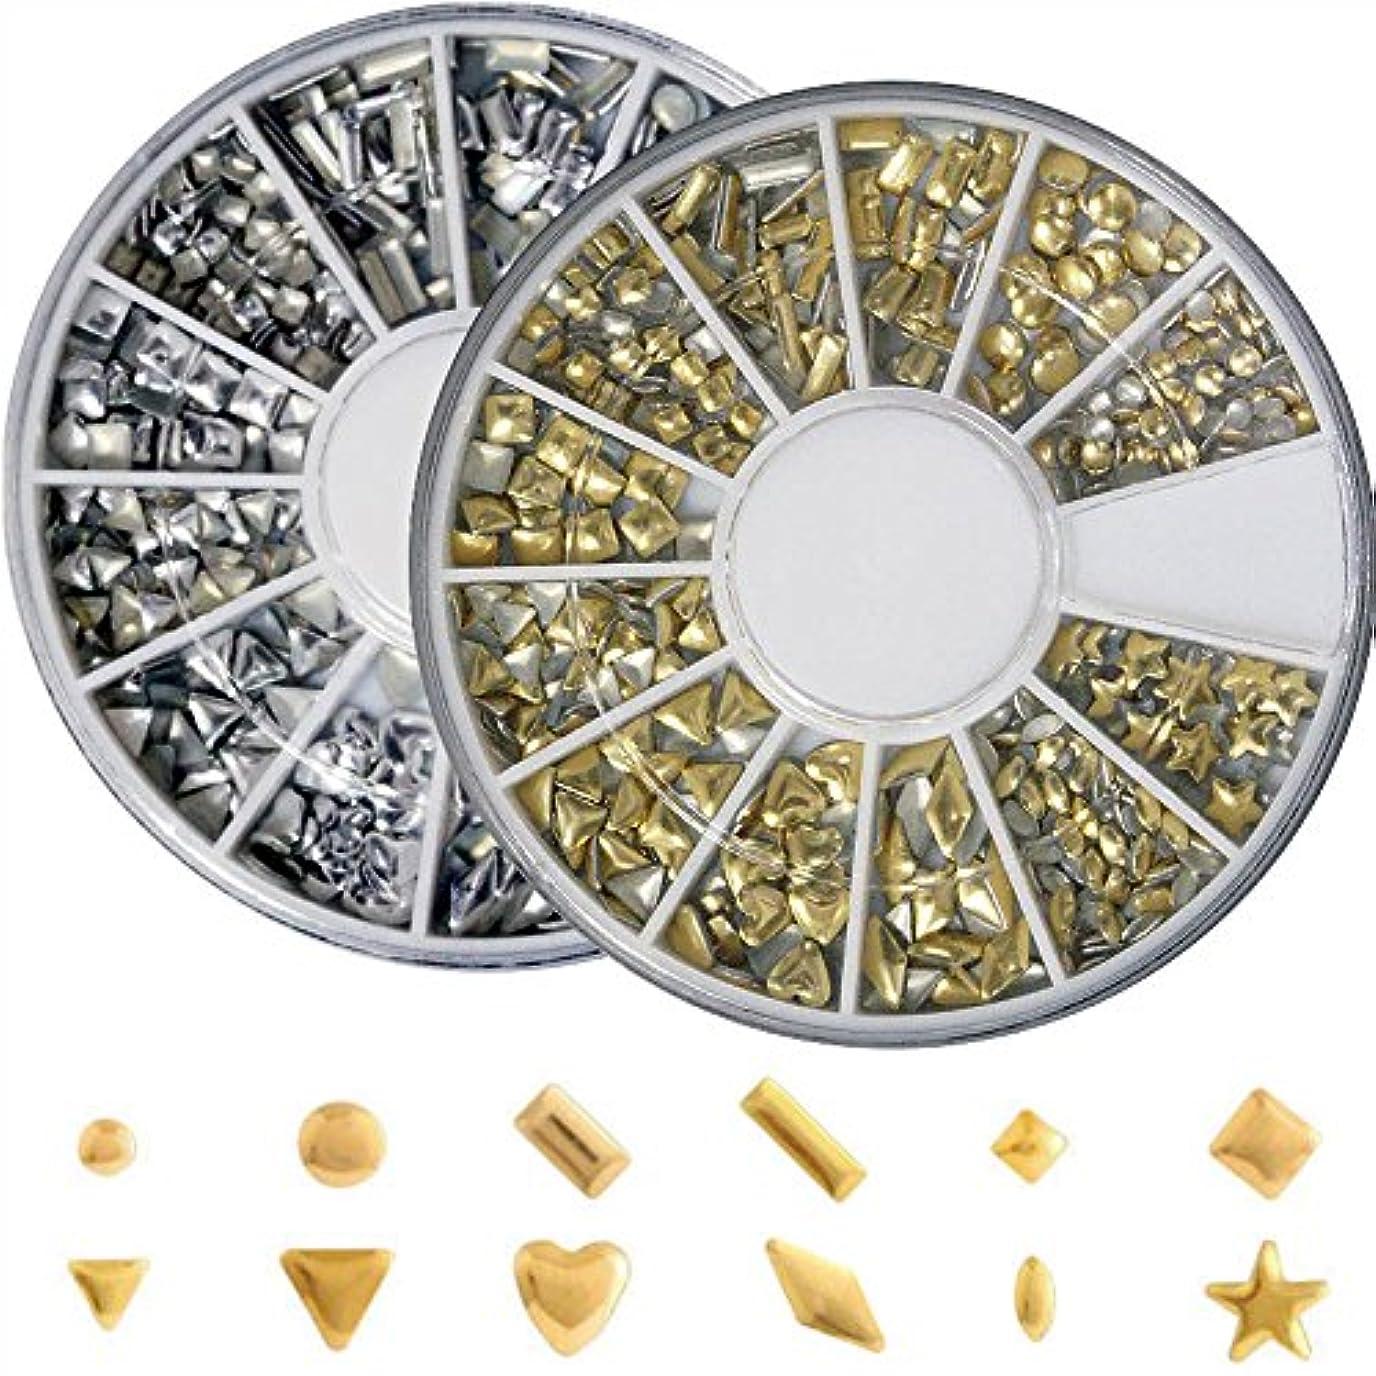 引き金アクティブほんのメタルスタッズ12種類 ネイル用 ゴールド&シルバー ラウンドケース入2個/セット